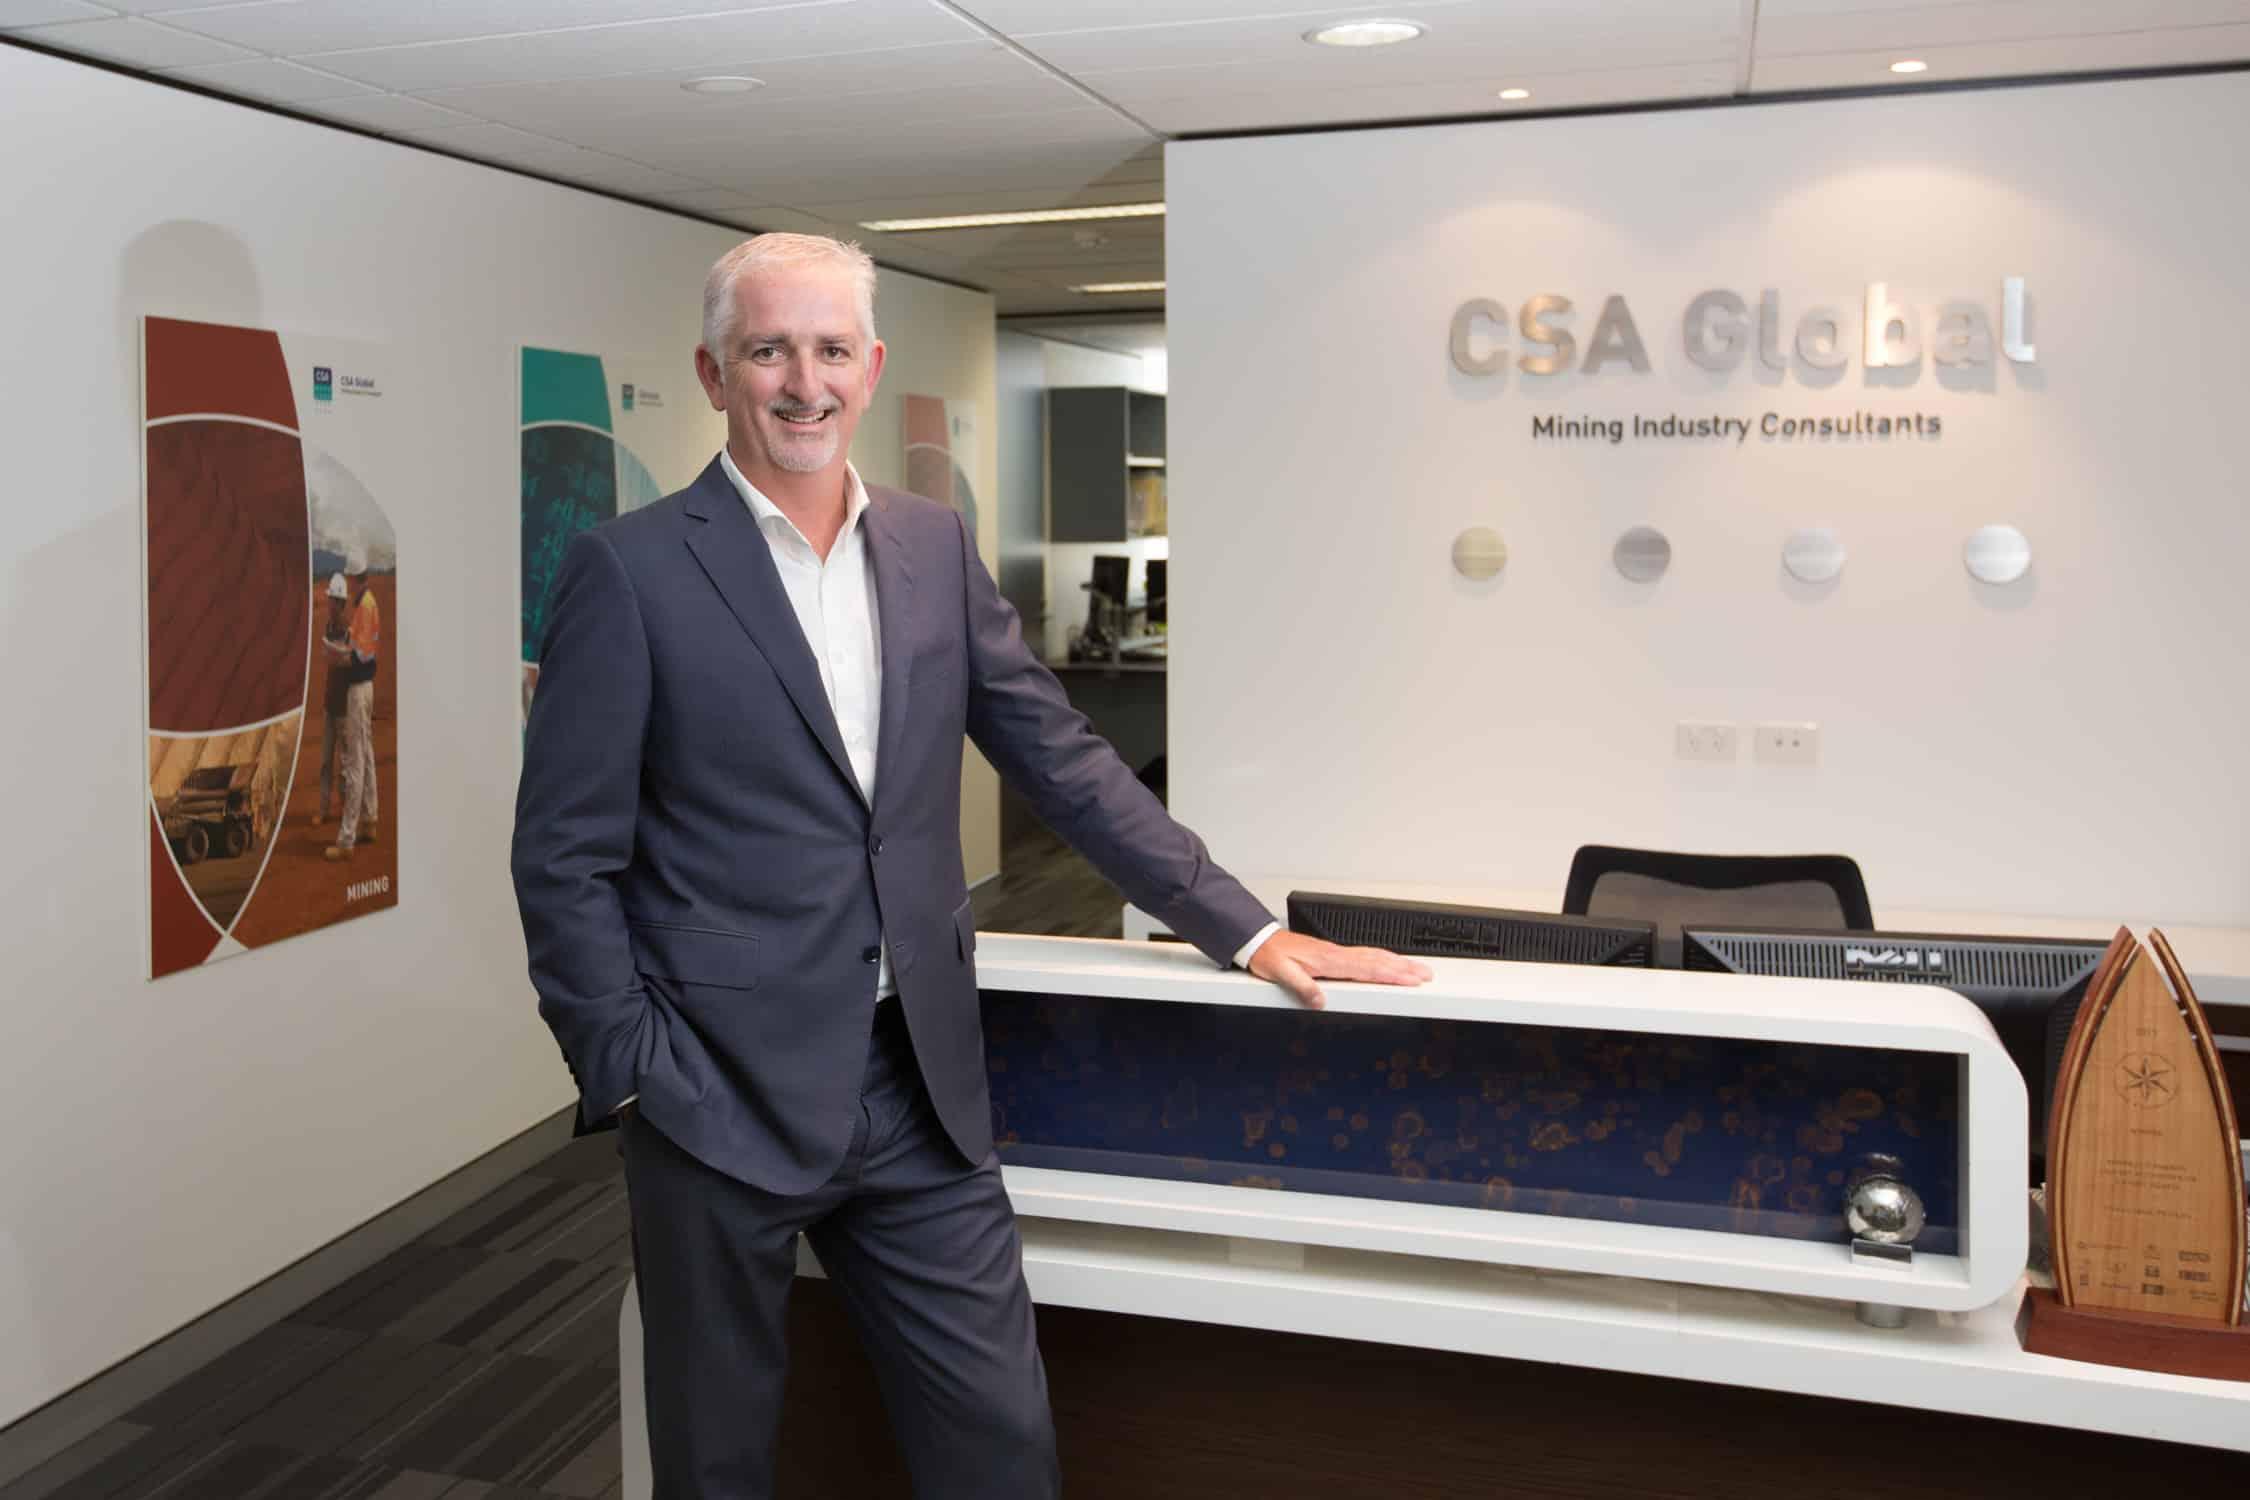 Jeff Elliot, Managing Director, CSA Global